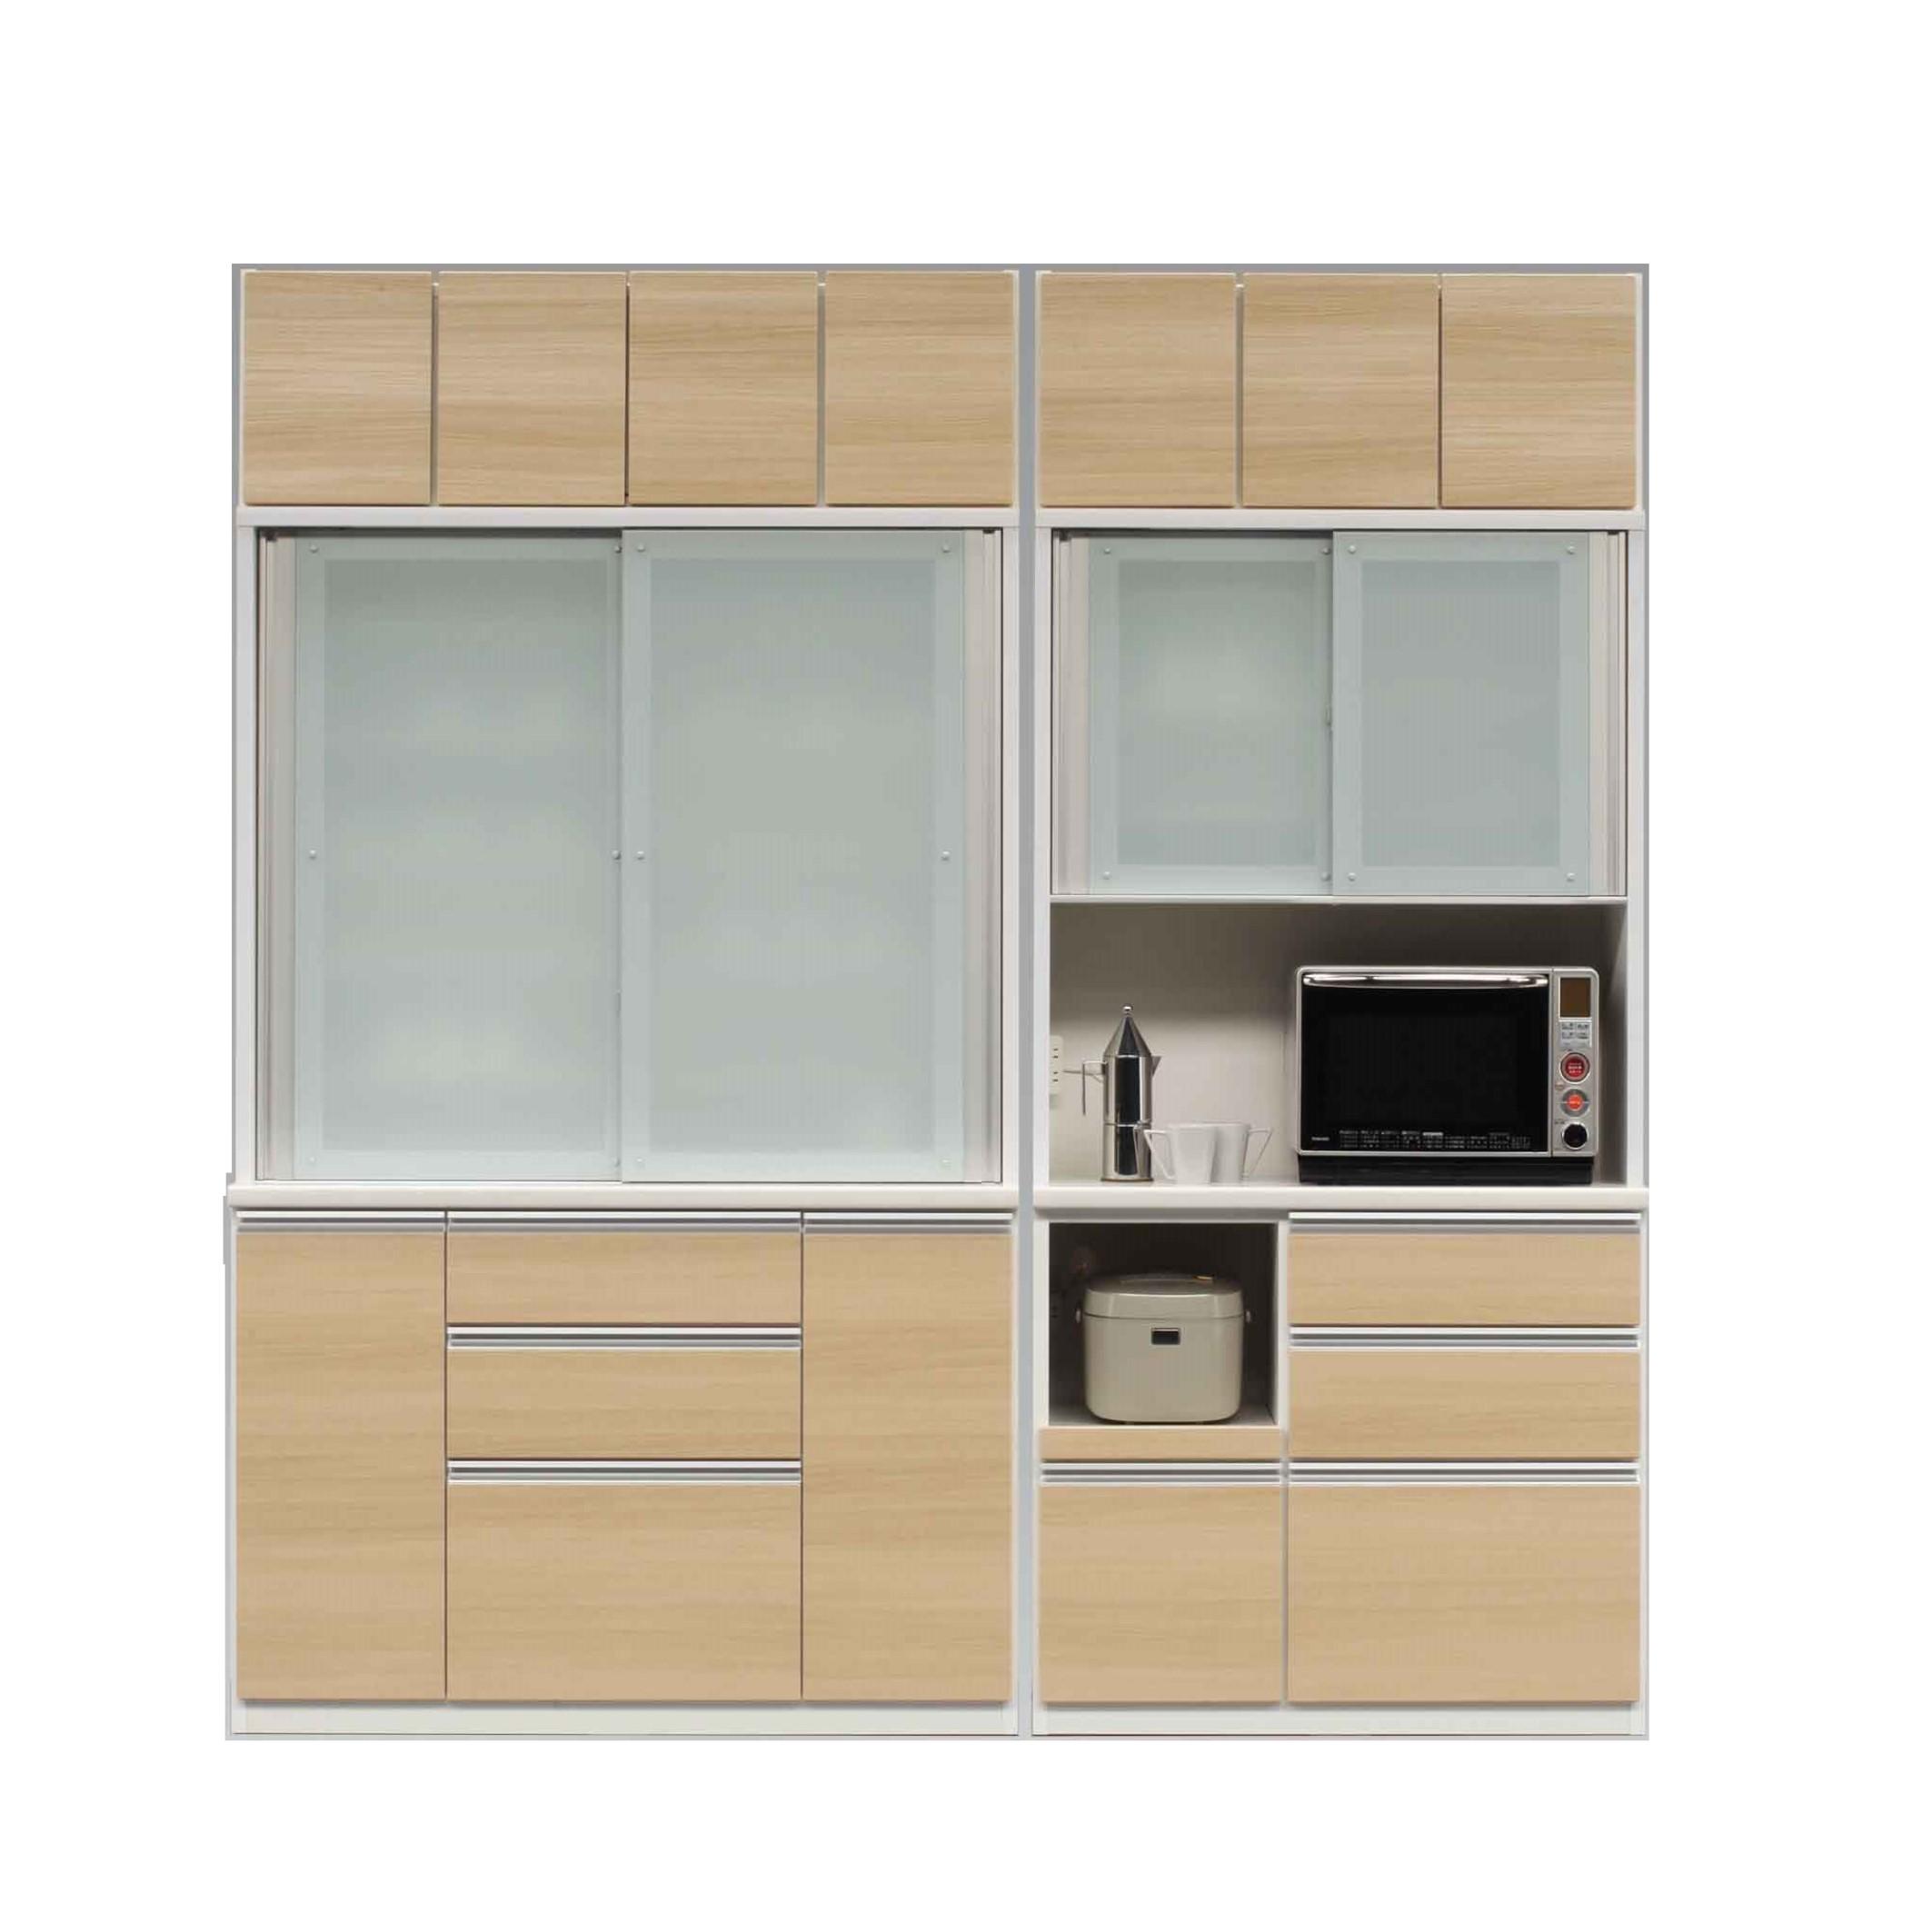 1300食器棚+1100レンジ+上置/前板 ノーブルオーク色